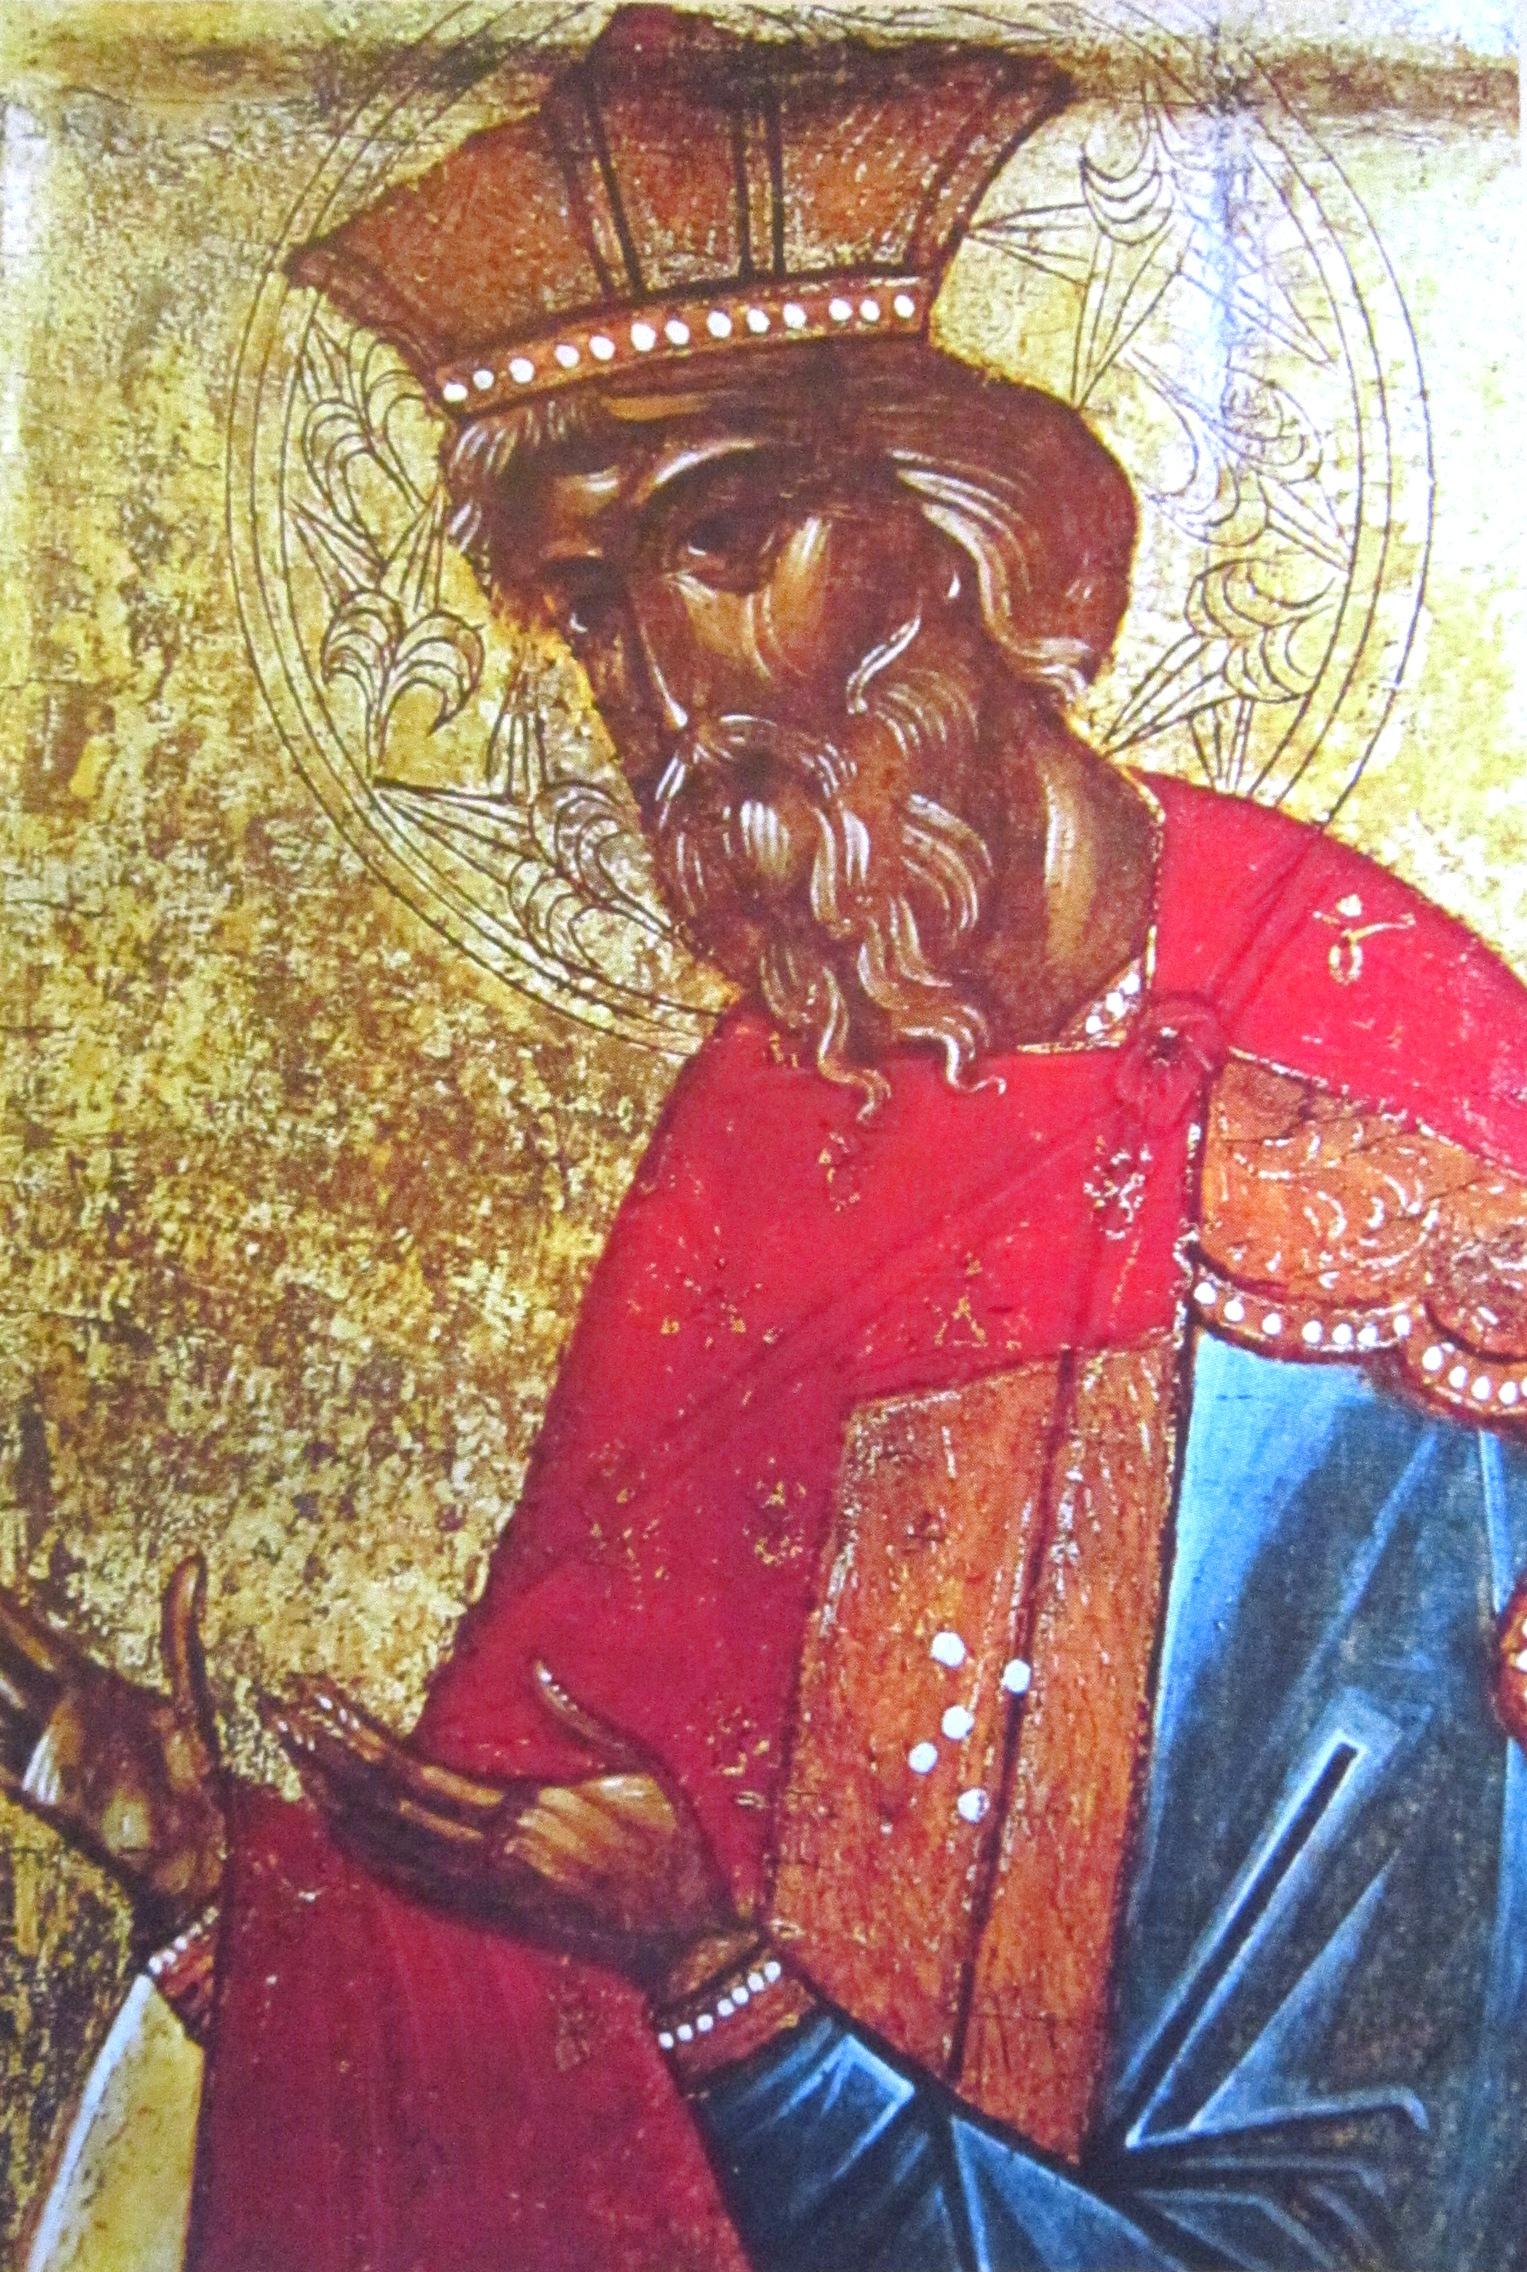 Святой Равноапостольный князь Владимир. Фрагмент иконы. Новгород, XV век.